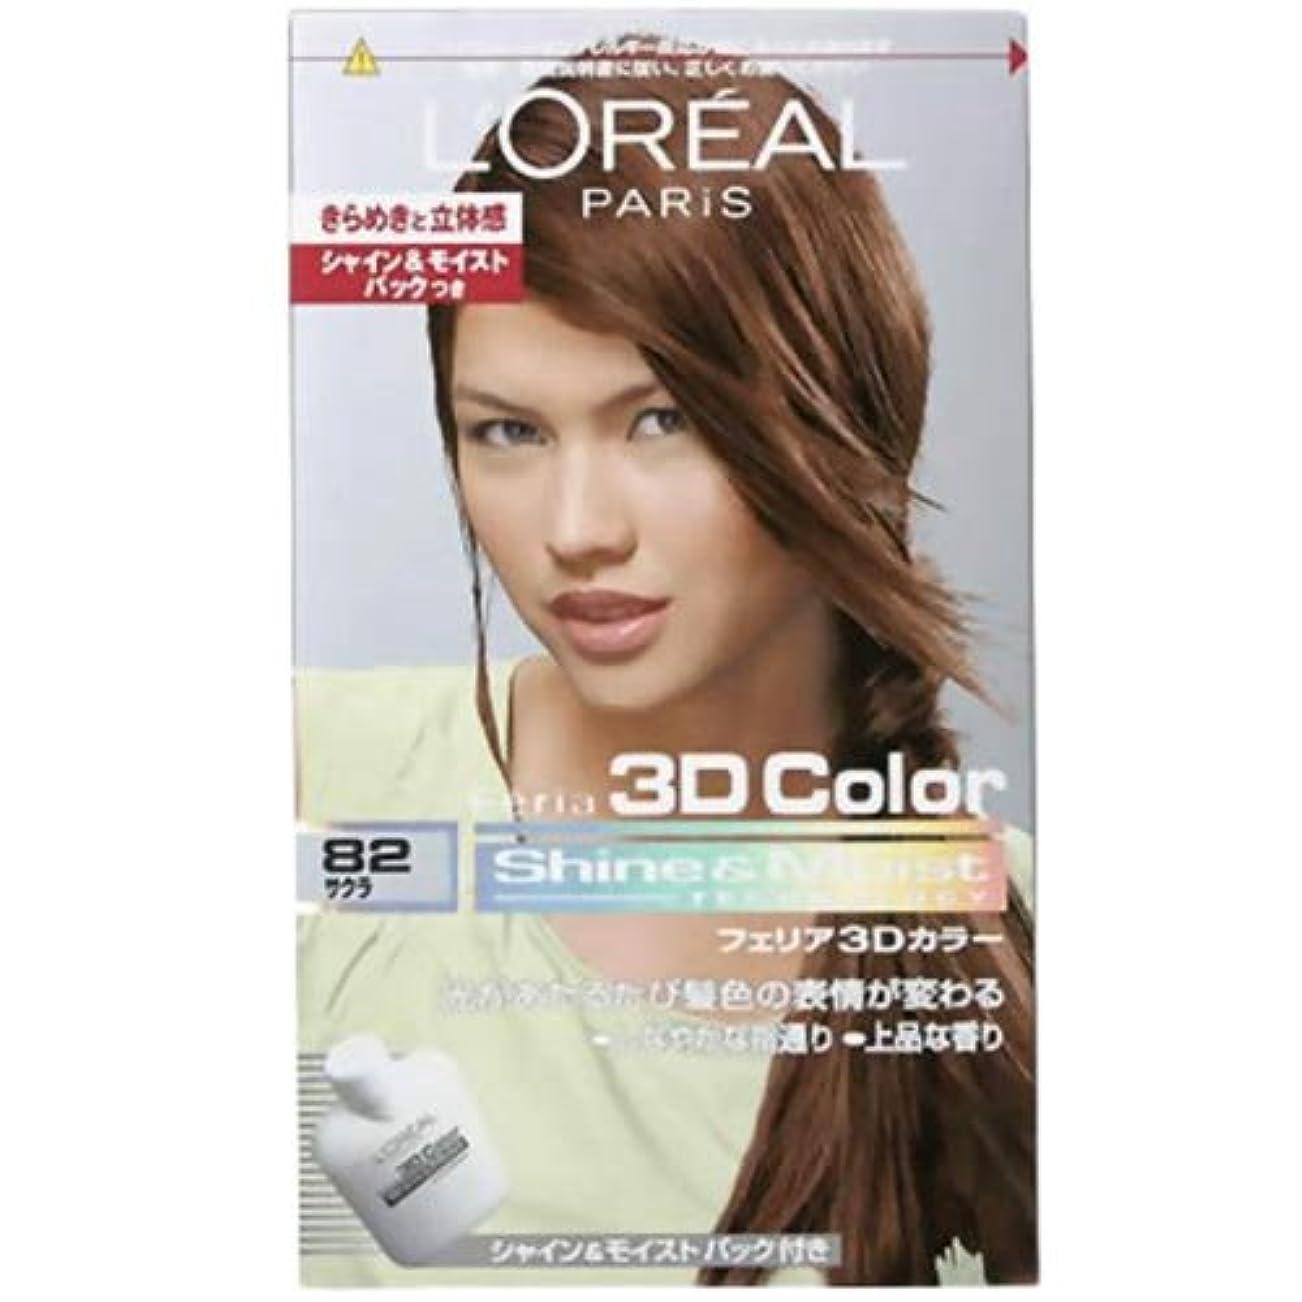 ディスパッチキャンベラ再発する日本ロレアル フェリア3Dカラー シャイン&モイストテクロノジー#82 サクラ